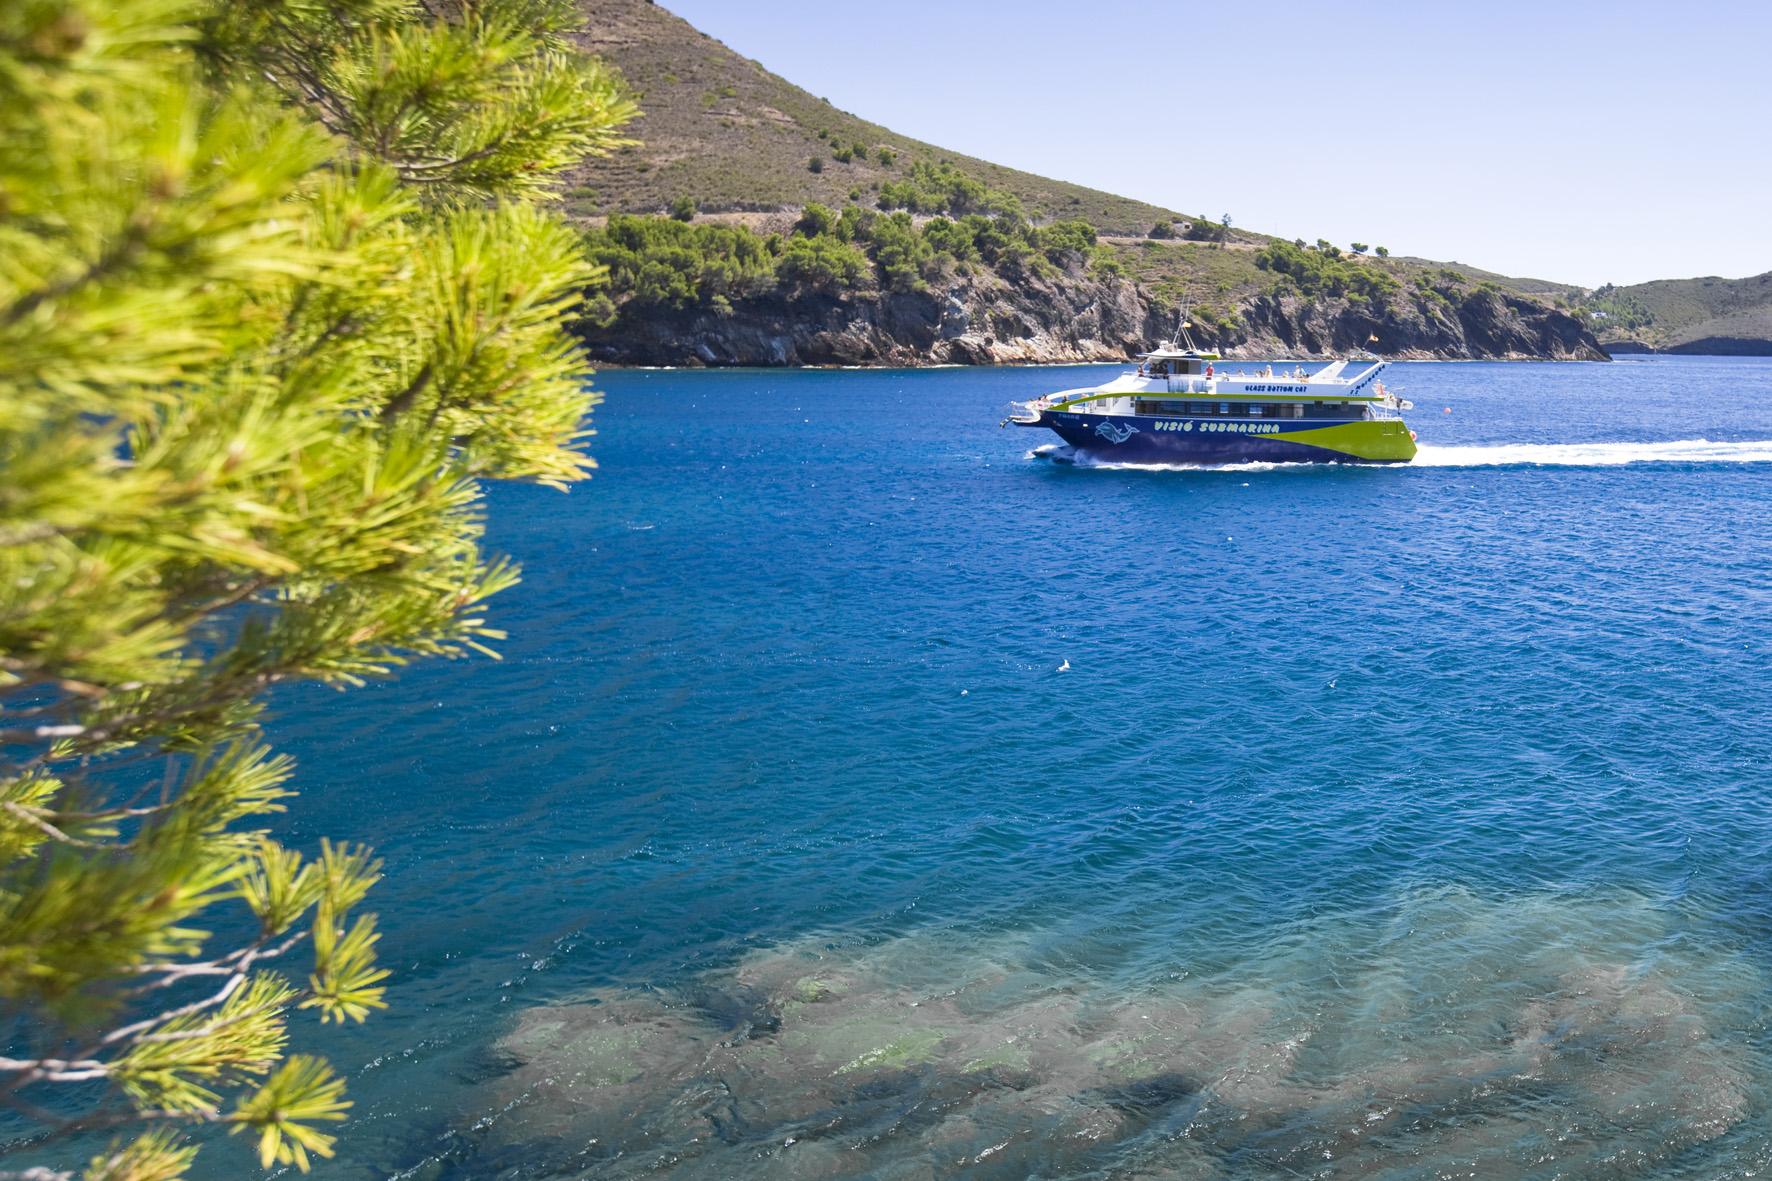 L'Ajuntament adjudica els serveis de transport marítim de viatgers i lloguer de patins a les platges de Roses